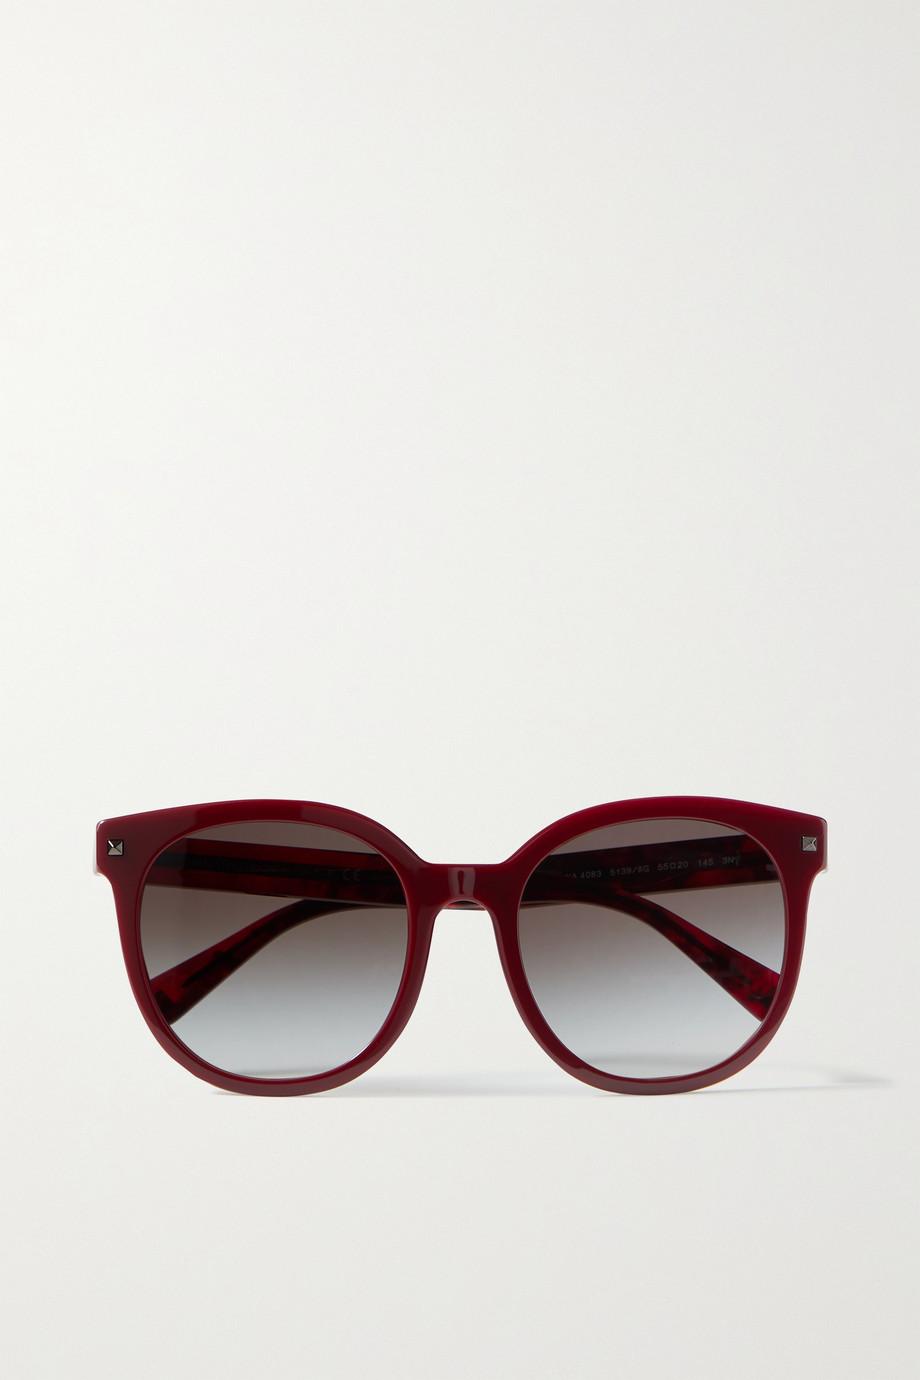 Valentino Valentino Garavani Sonnenbrille mit rundem Rahmen aus Azetat